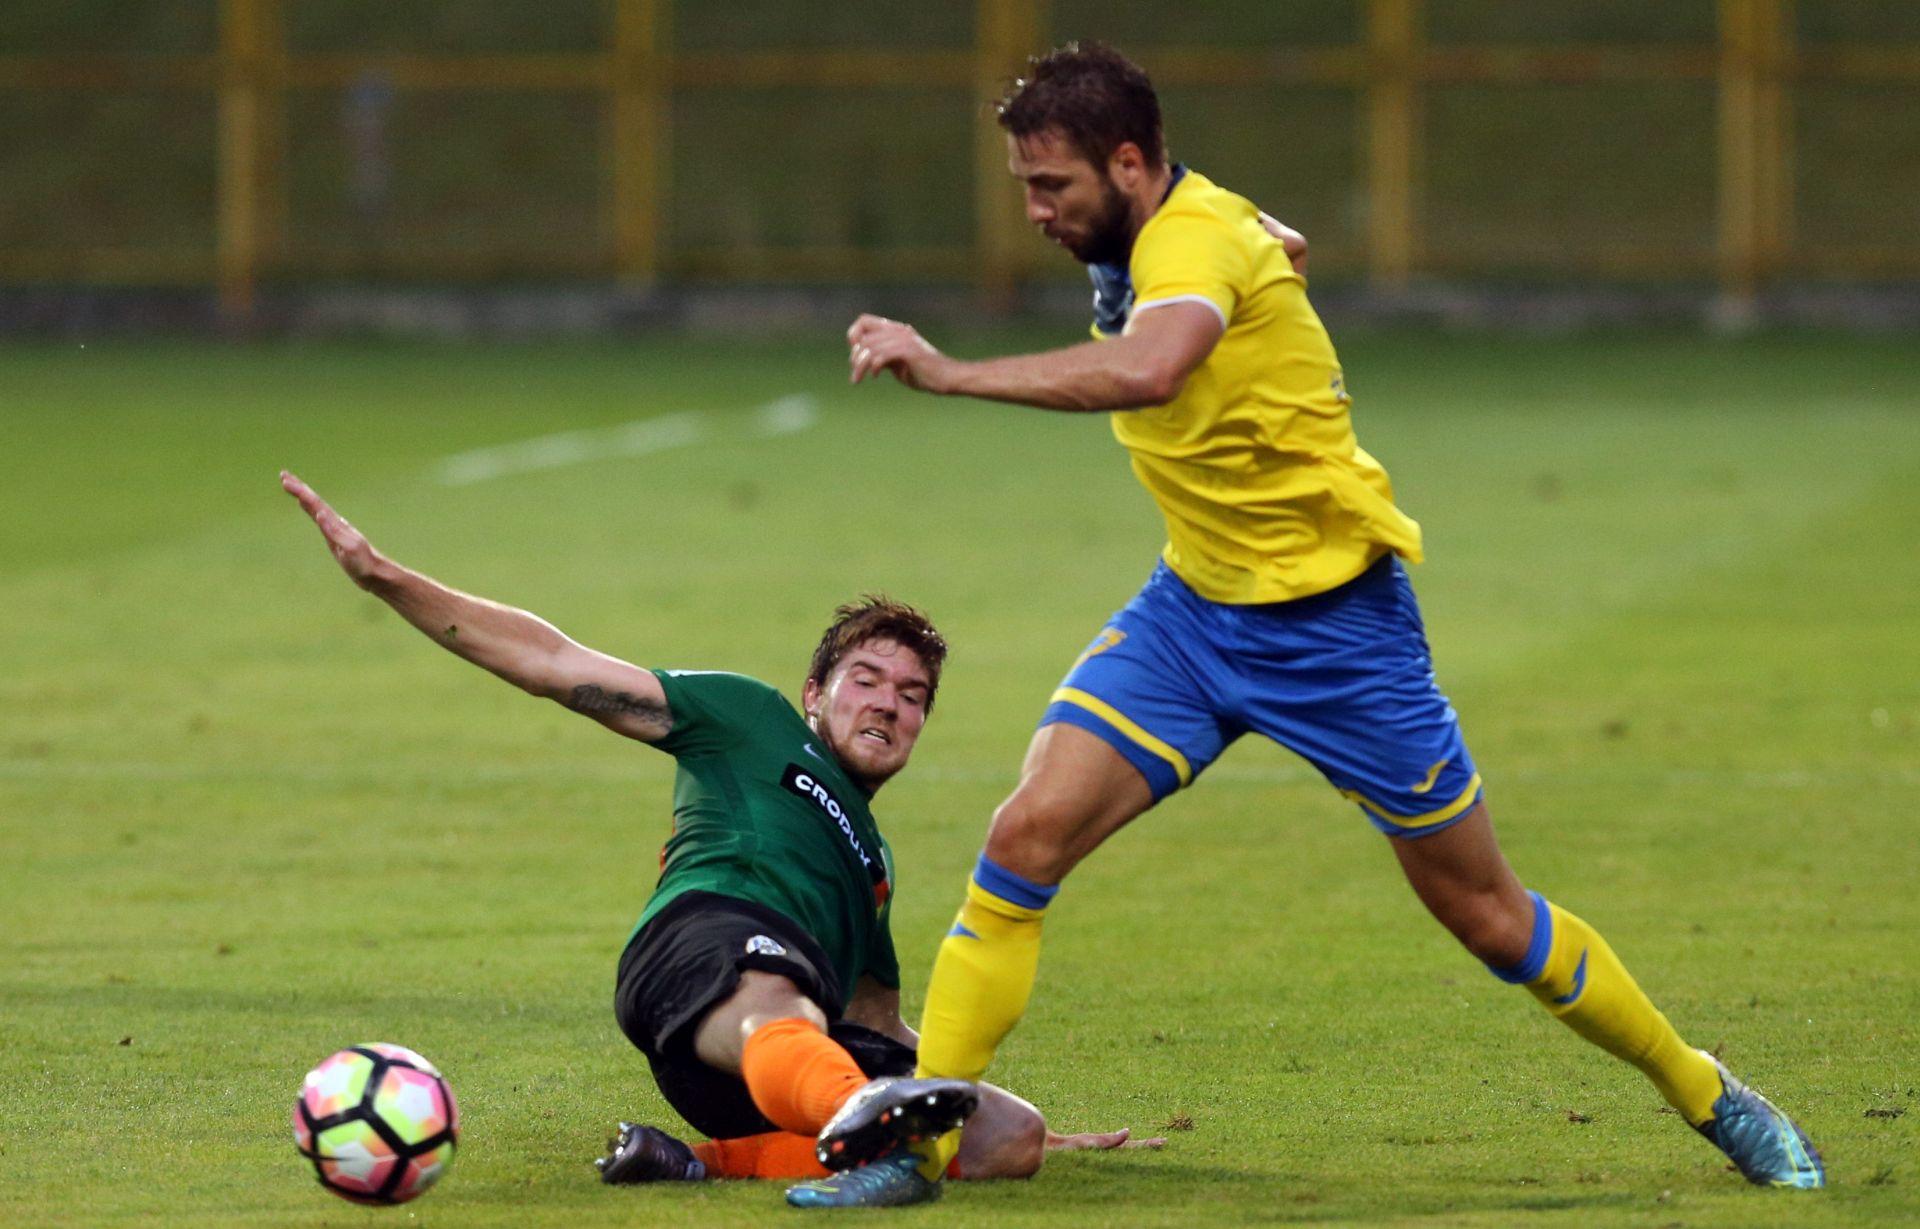 KUP: Prošli Inter, Cibalia i Lokomotiva